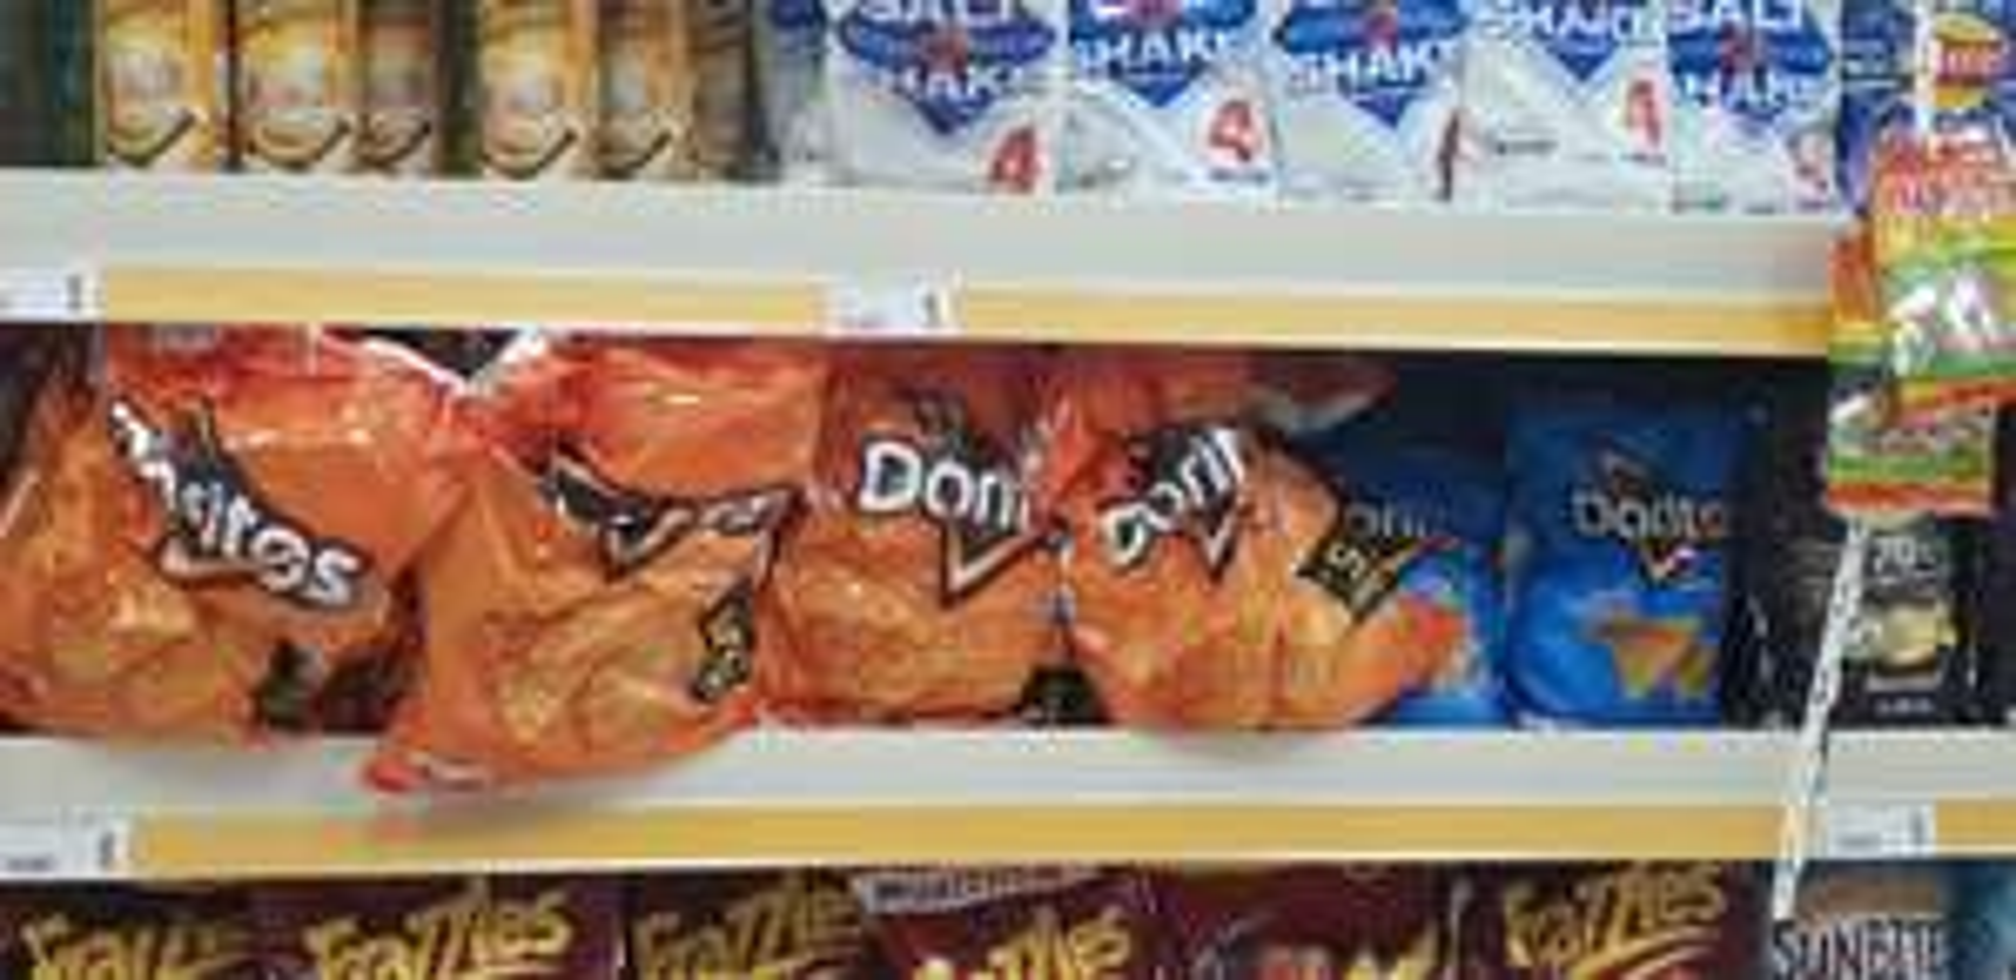 Doritos Cool Original i Tangy Cheese 180g za 6zl z lepszym skladem z UK w DEALZ